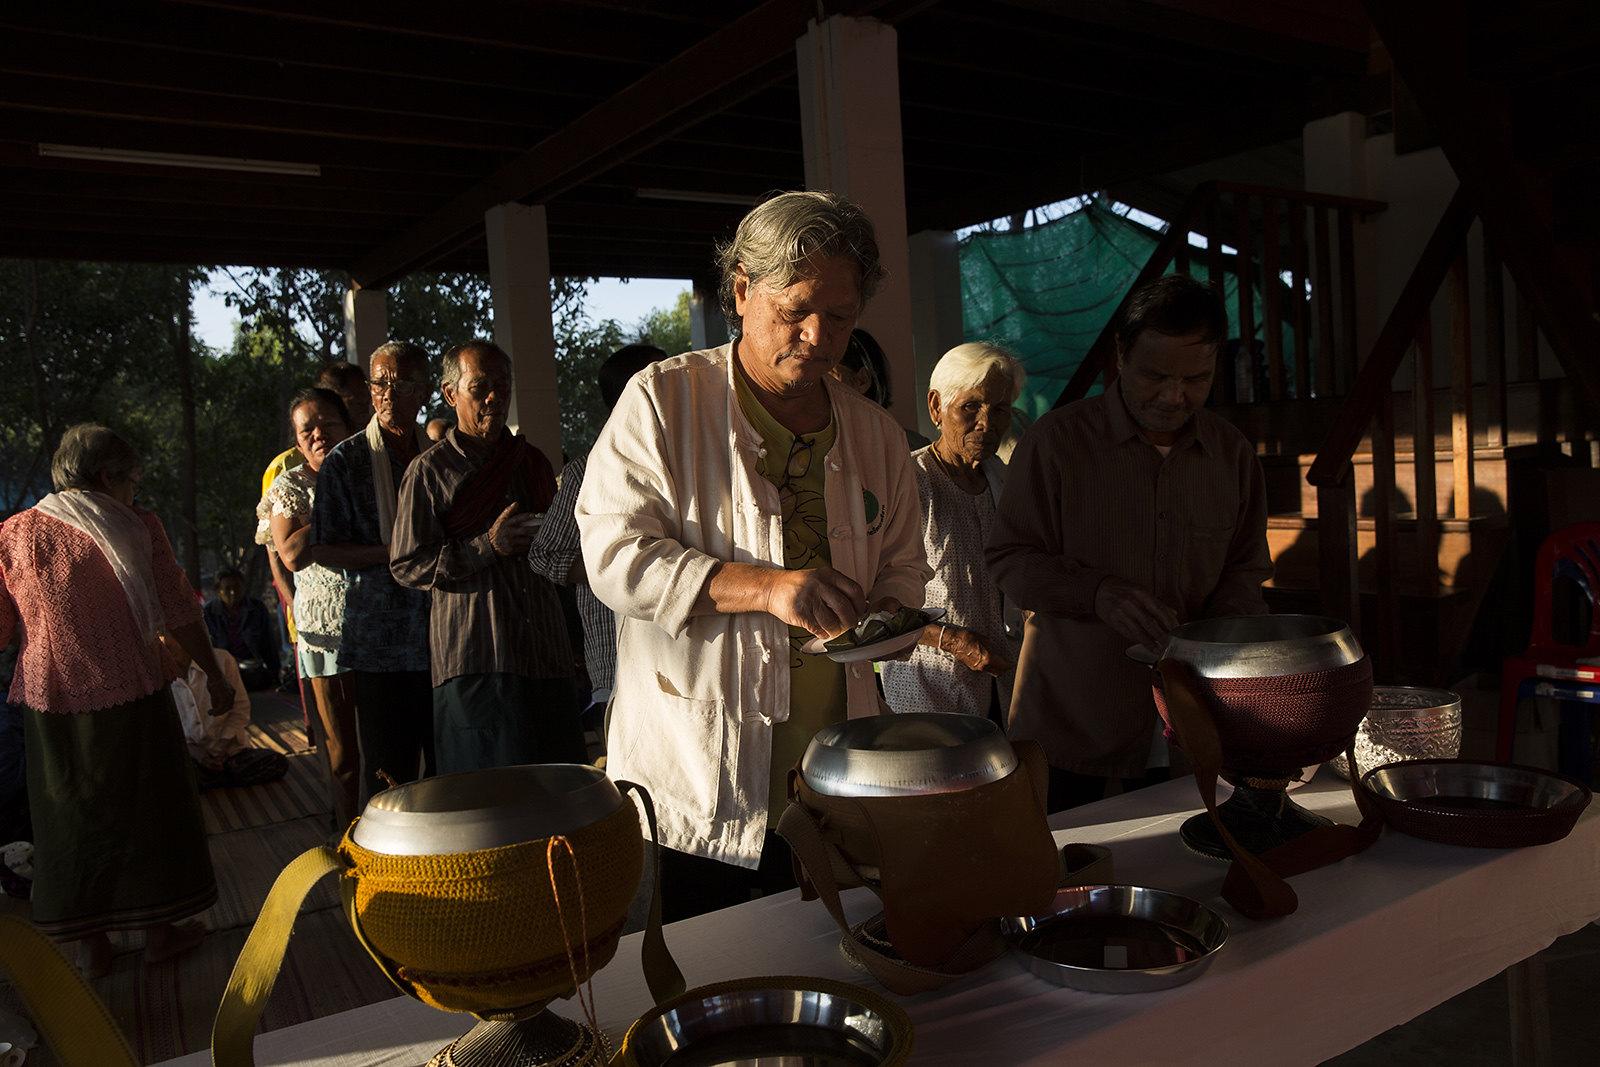 อุบล อยู่หว้า ร่วมงานบุญกุ้มข้าวใหญ่ ที่สมาคมคนทามเมื่อเดือนกุมภาพันธ์2563(ที่มา: Luke Duggleby)